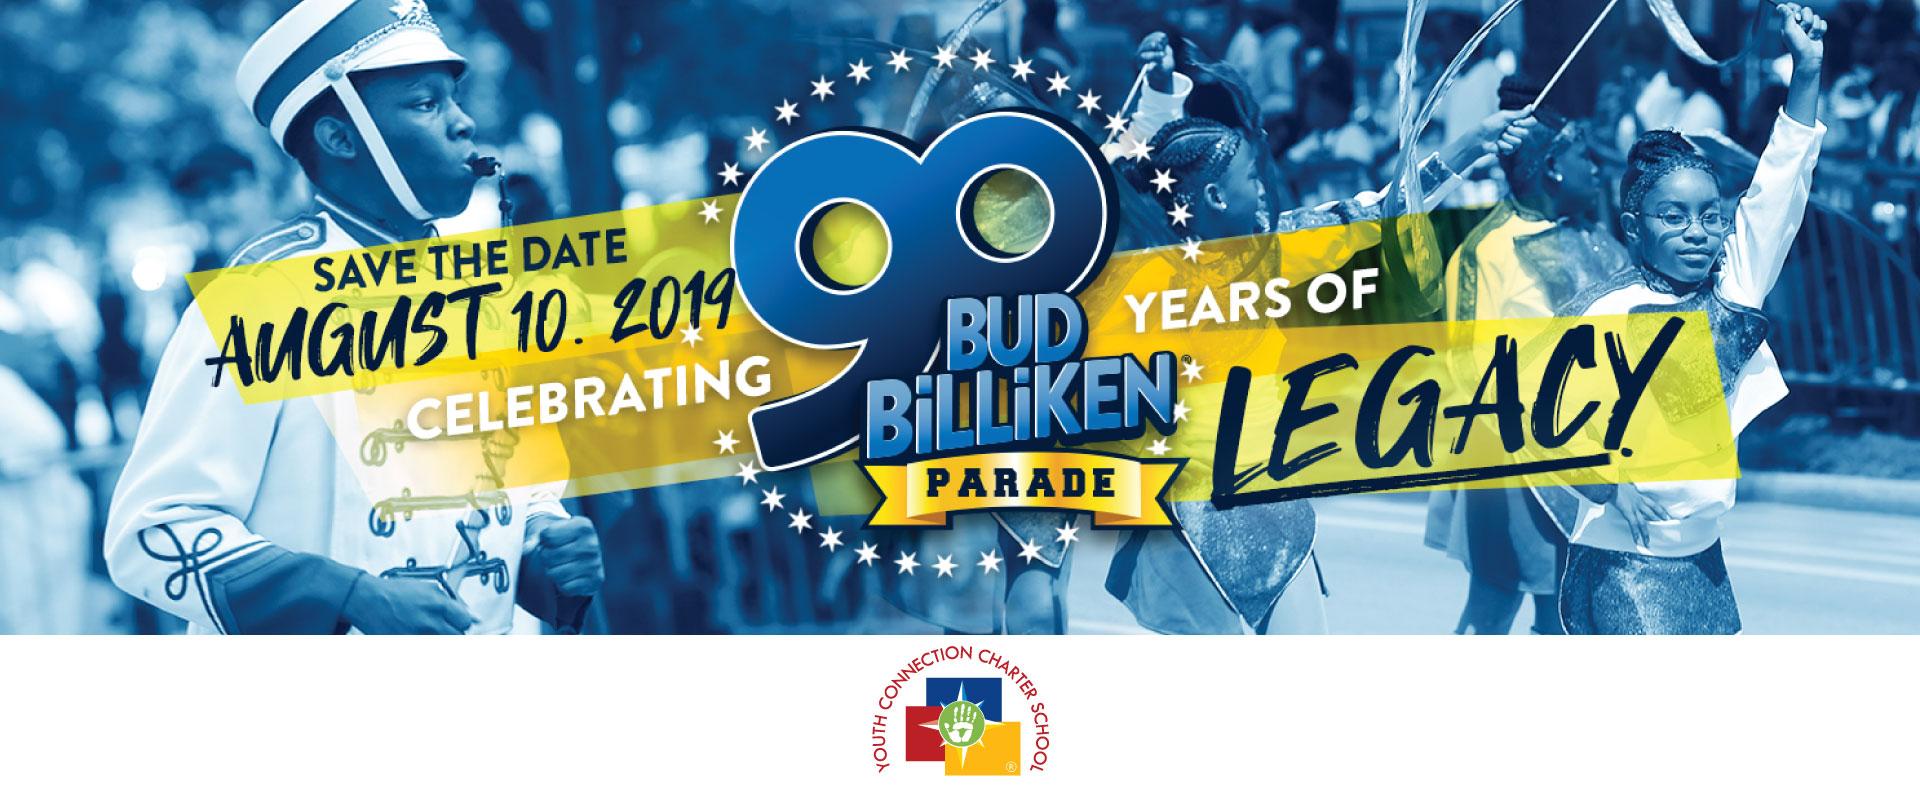 Bud Billiken Parade 2019!